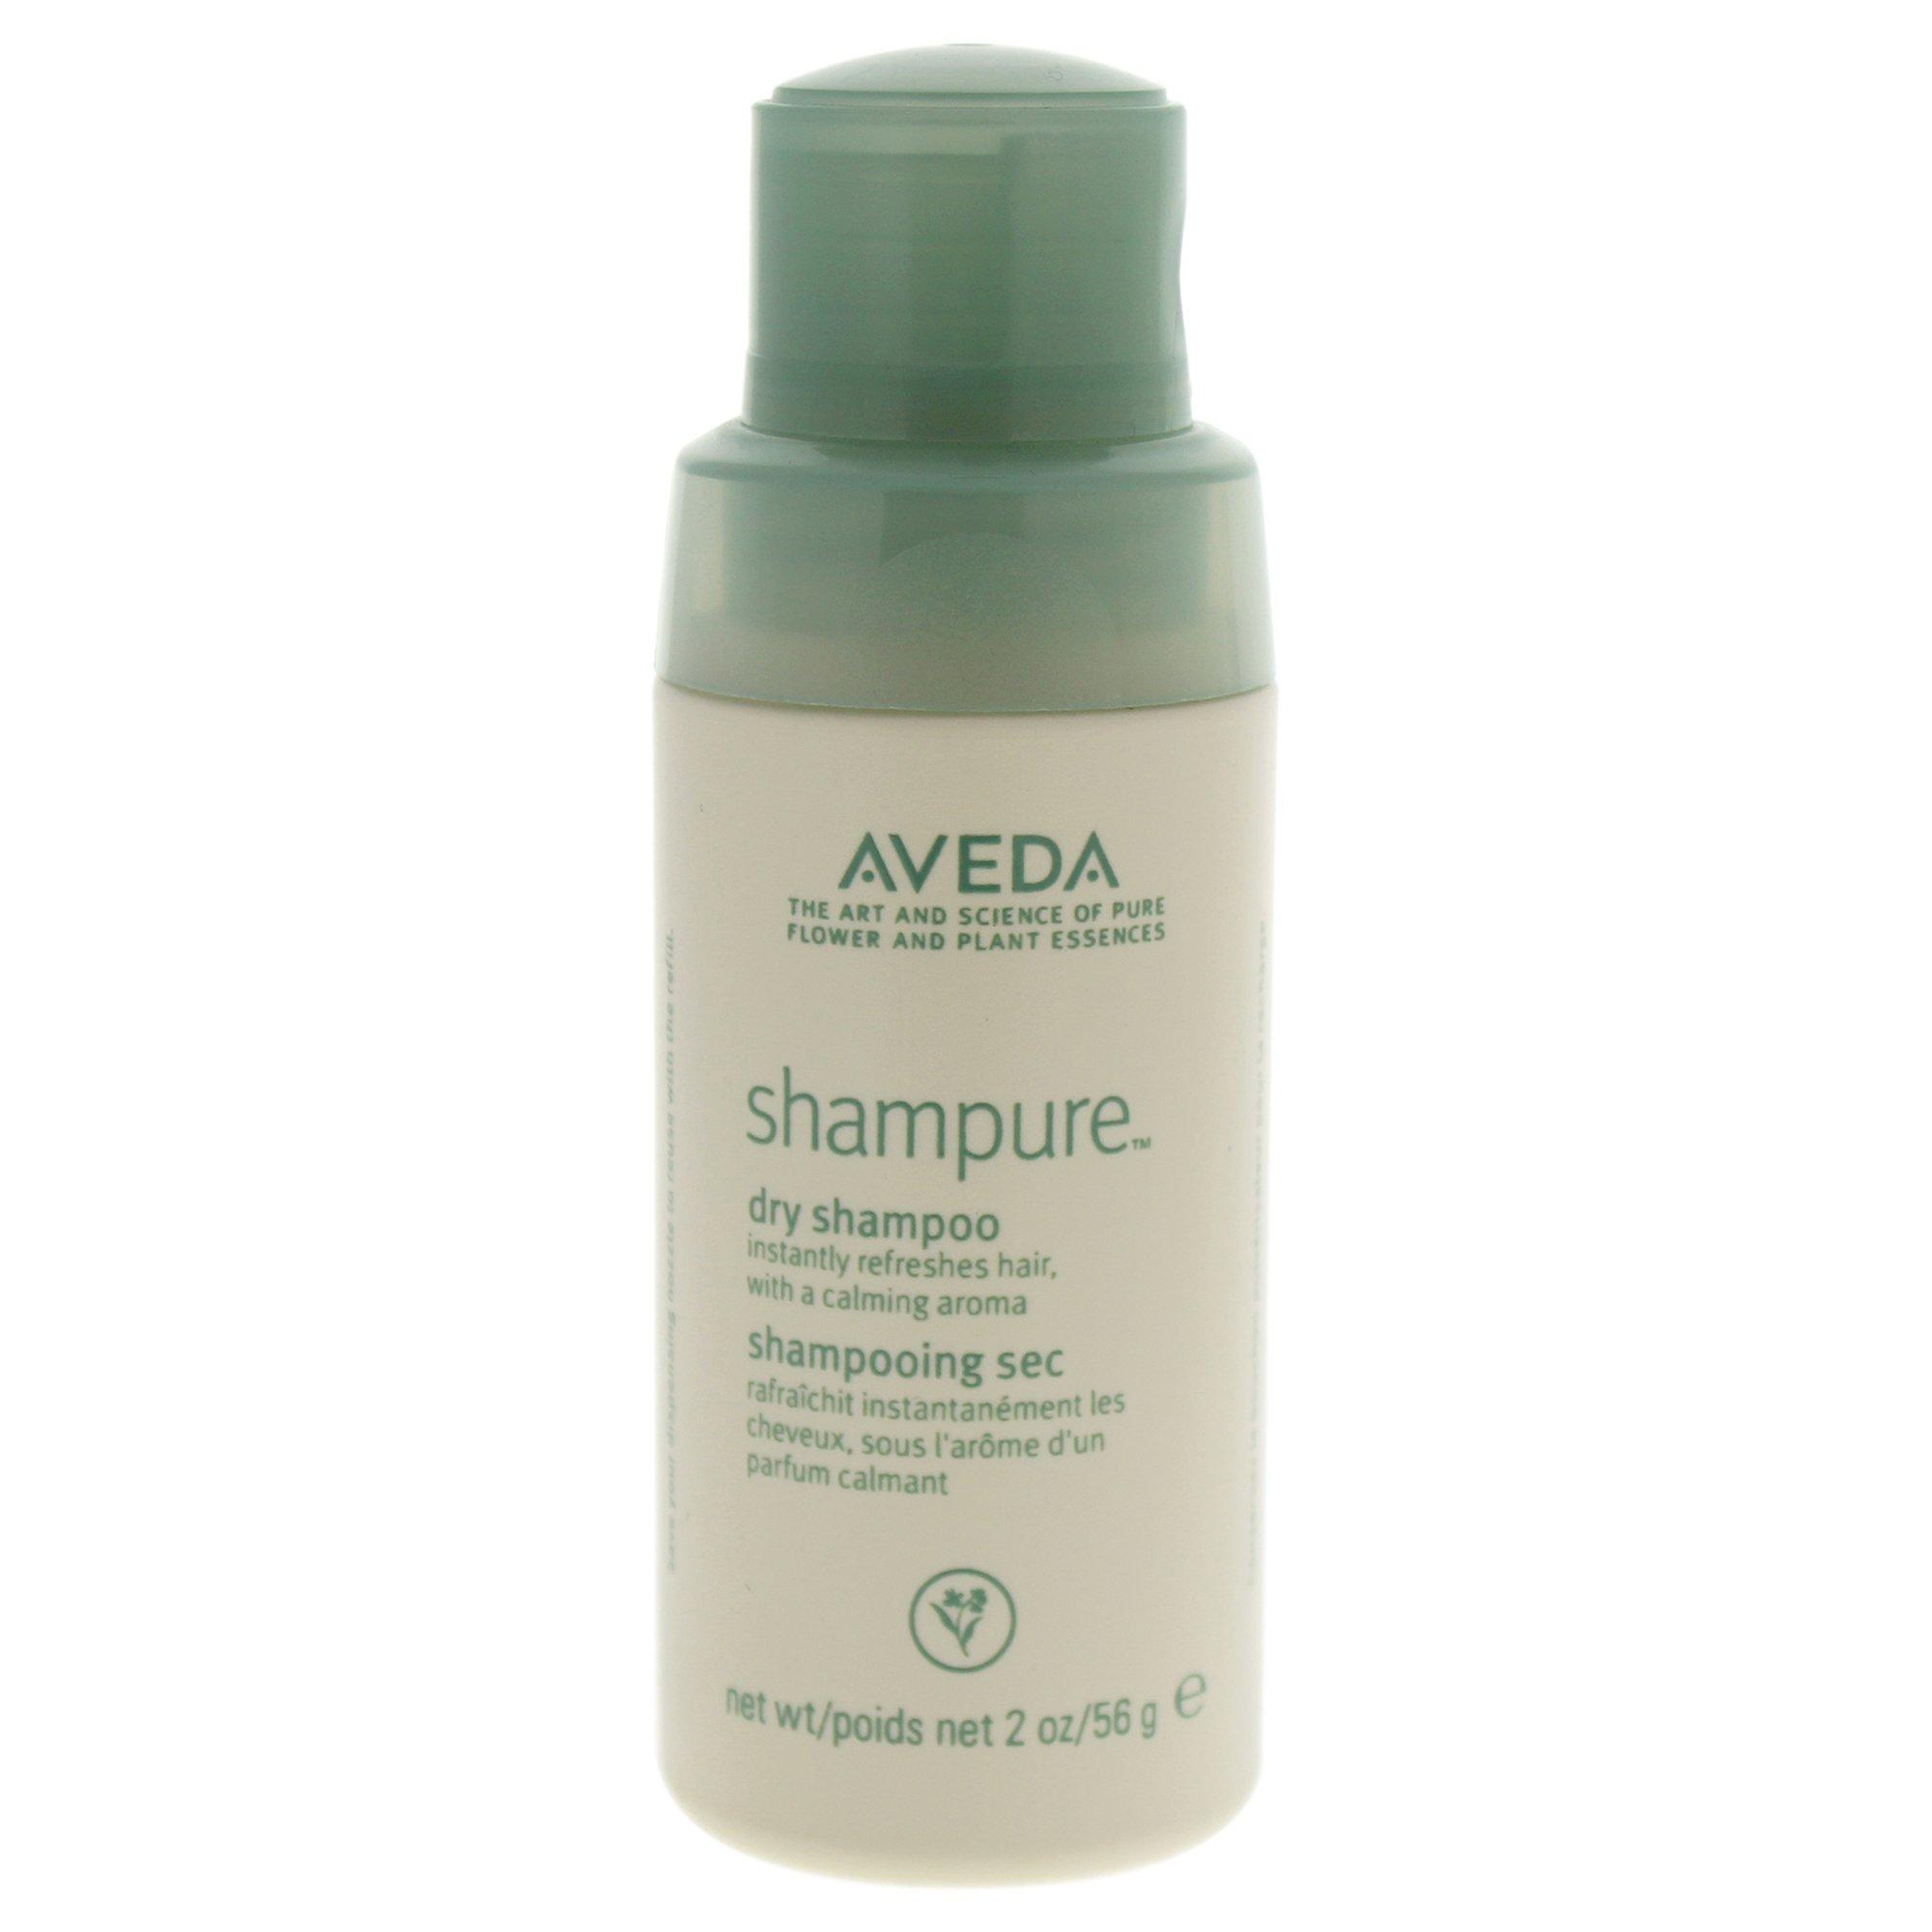 Aveda New Shampure Dry Shampoo, 2.0 Ounce by AVEDA